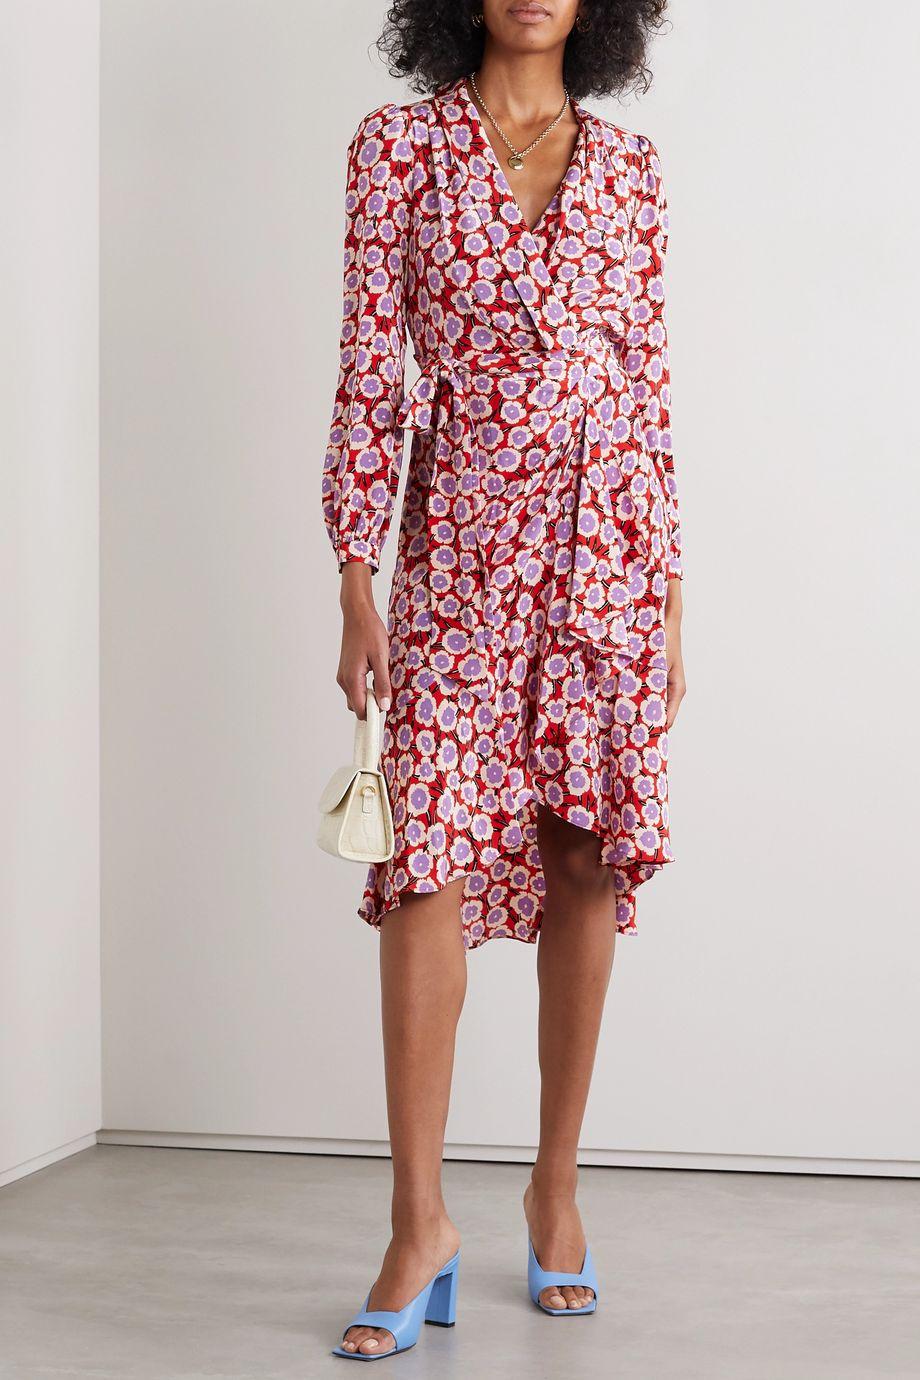 Diane von Furstenberg Carla Two asymmetric floral-print silk crepe de chine wrap dress